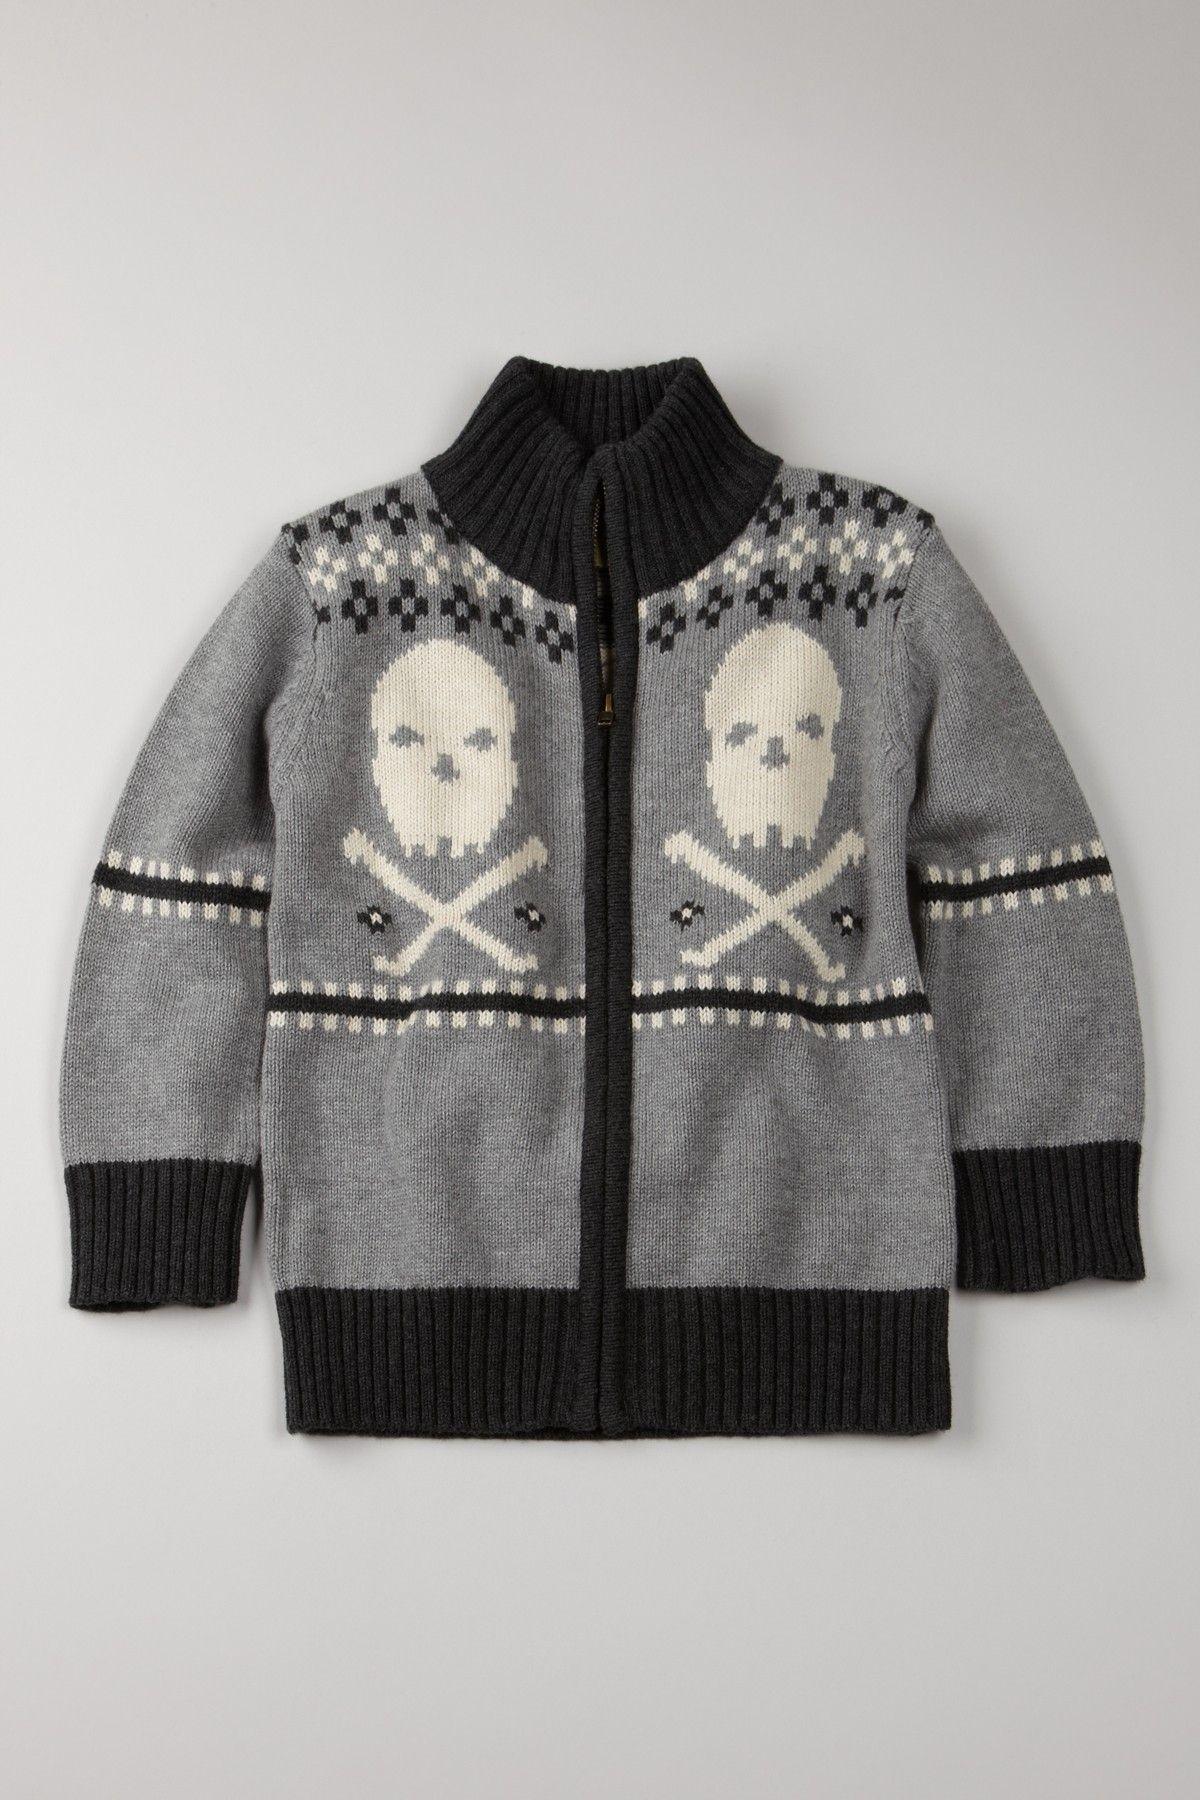 Skull Sweater for Toddlers (Monster Republic via HauteLook ...